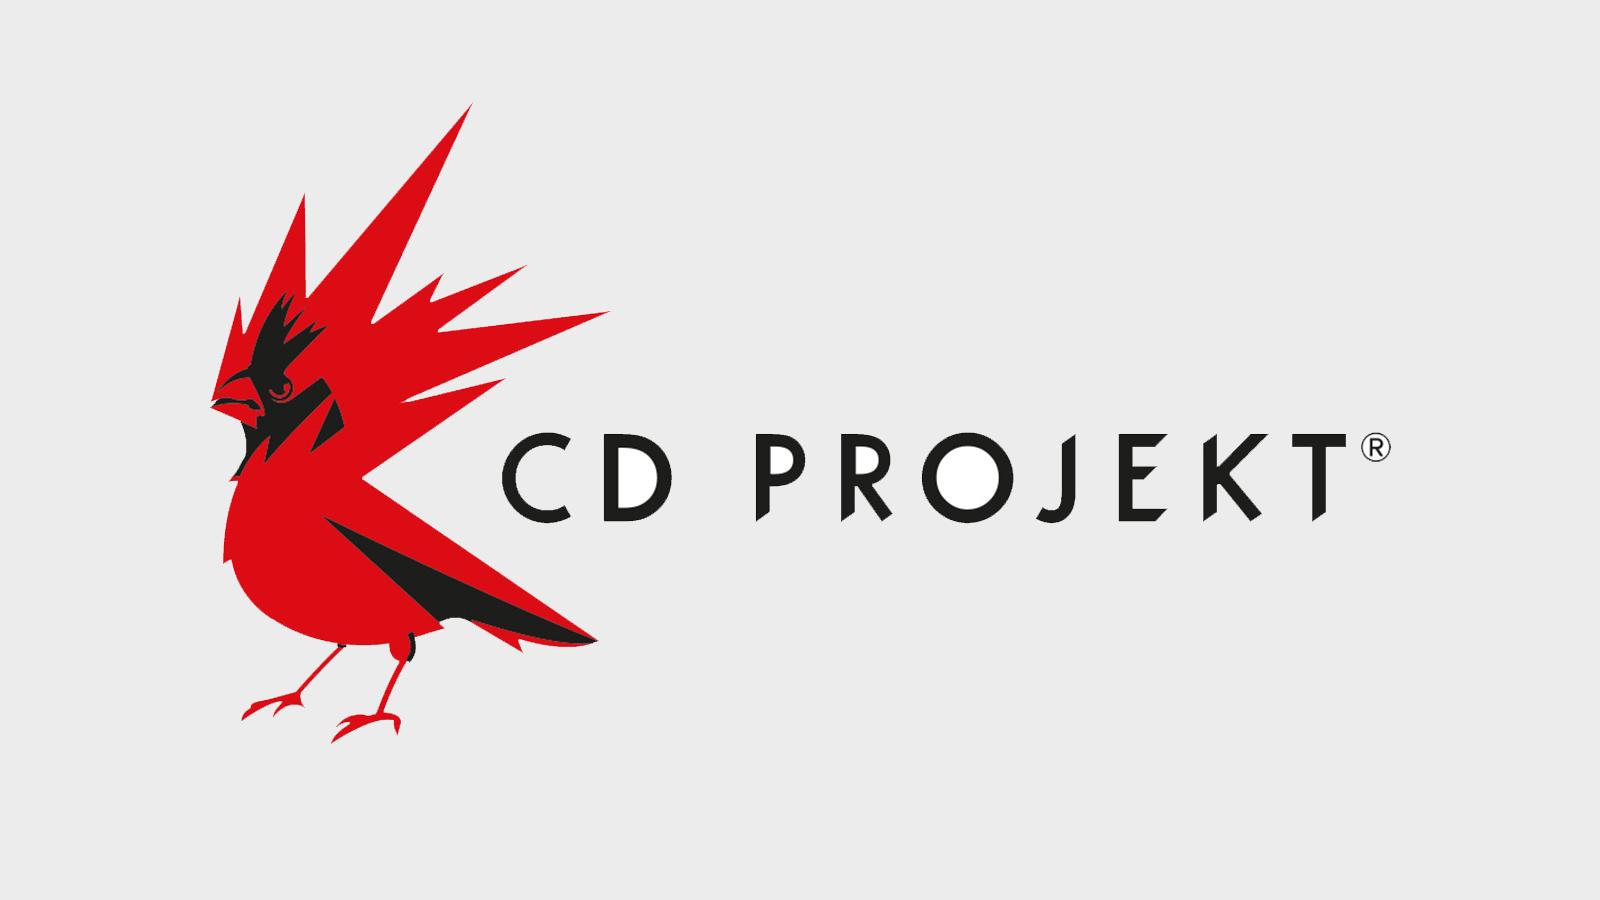 CDPR市值超越育碧 成为欧洲最有价值游戏公司